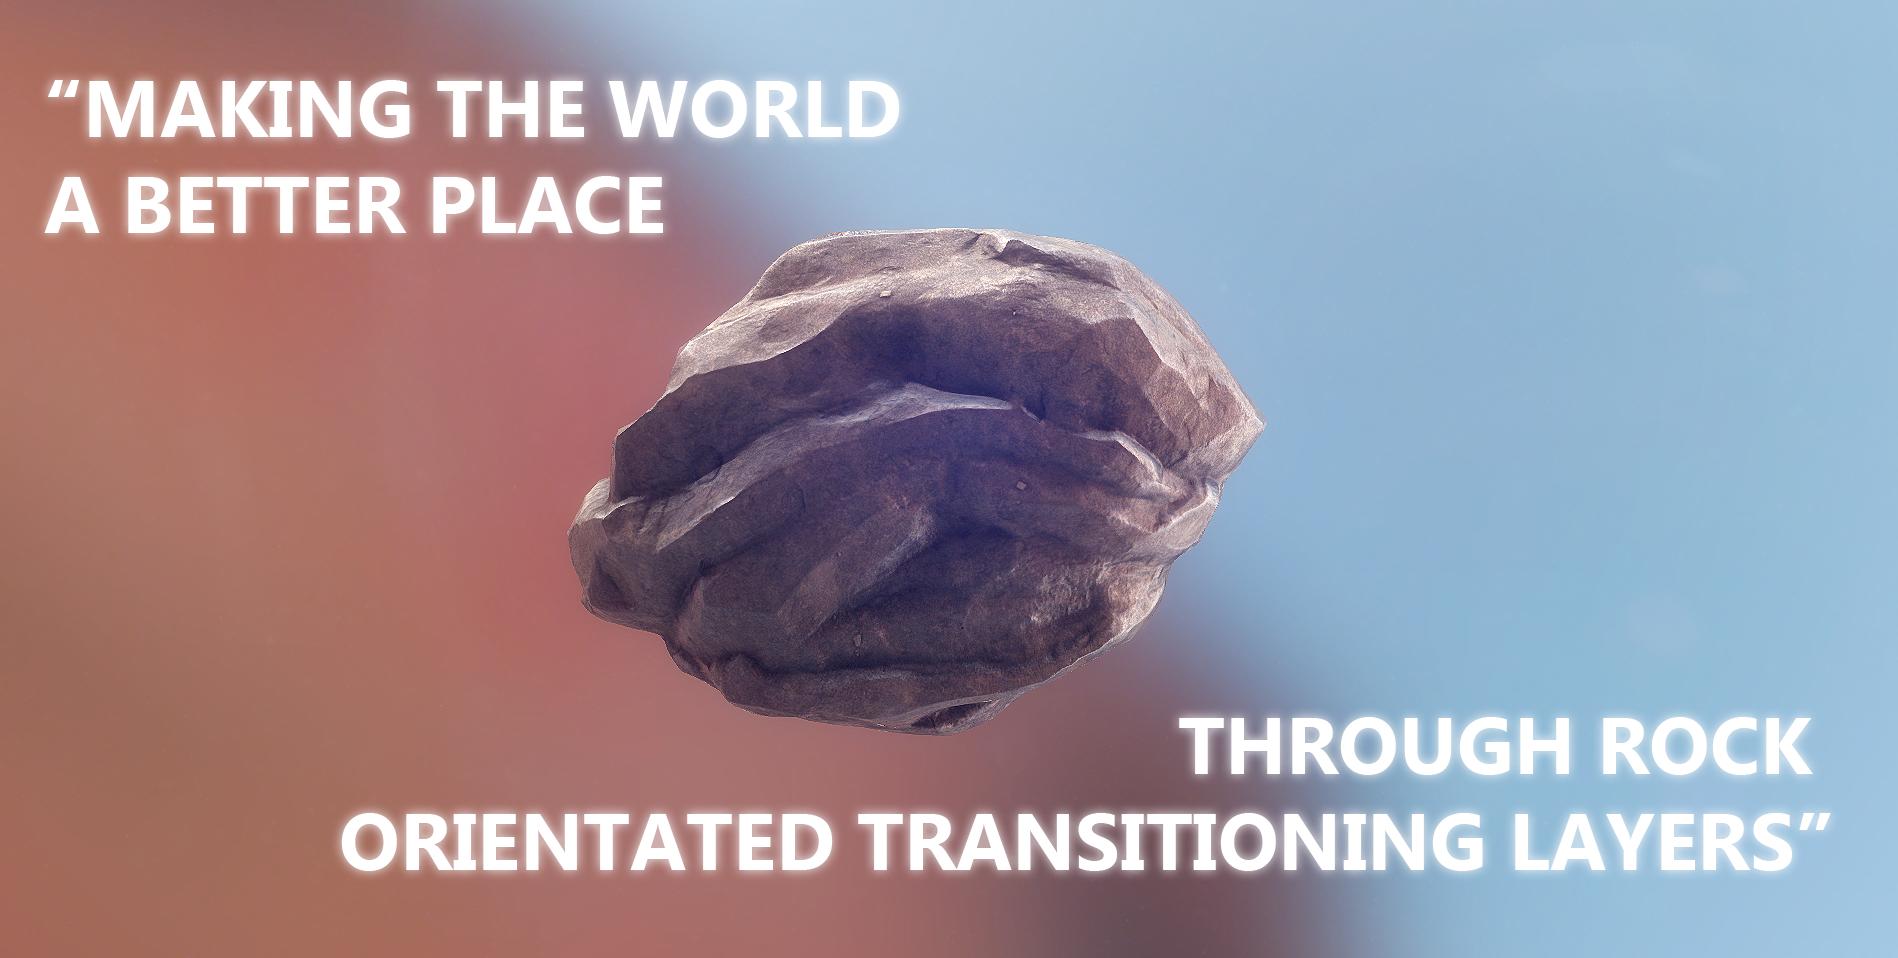 Концепт камня